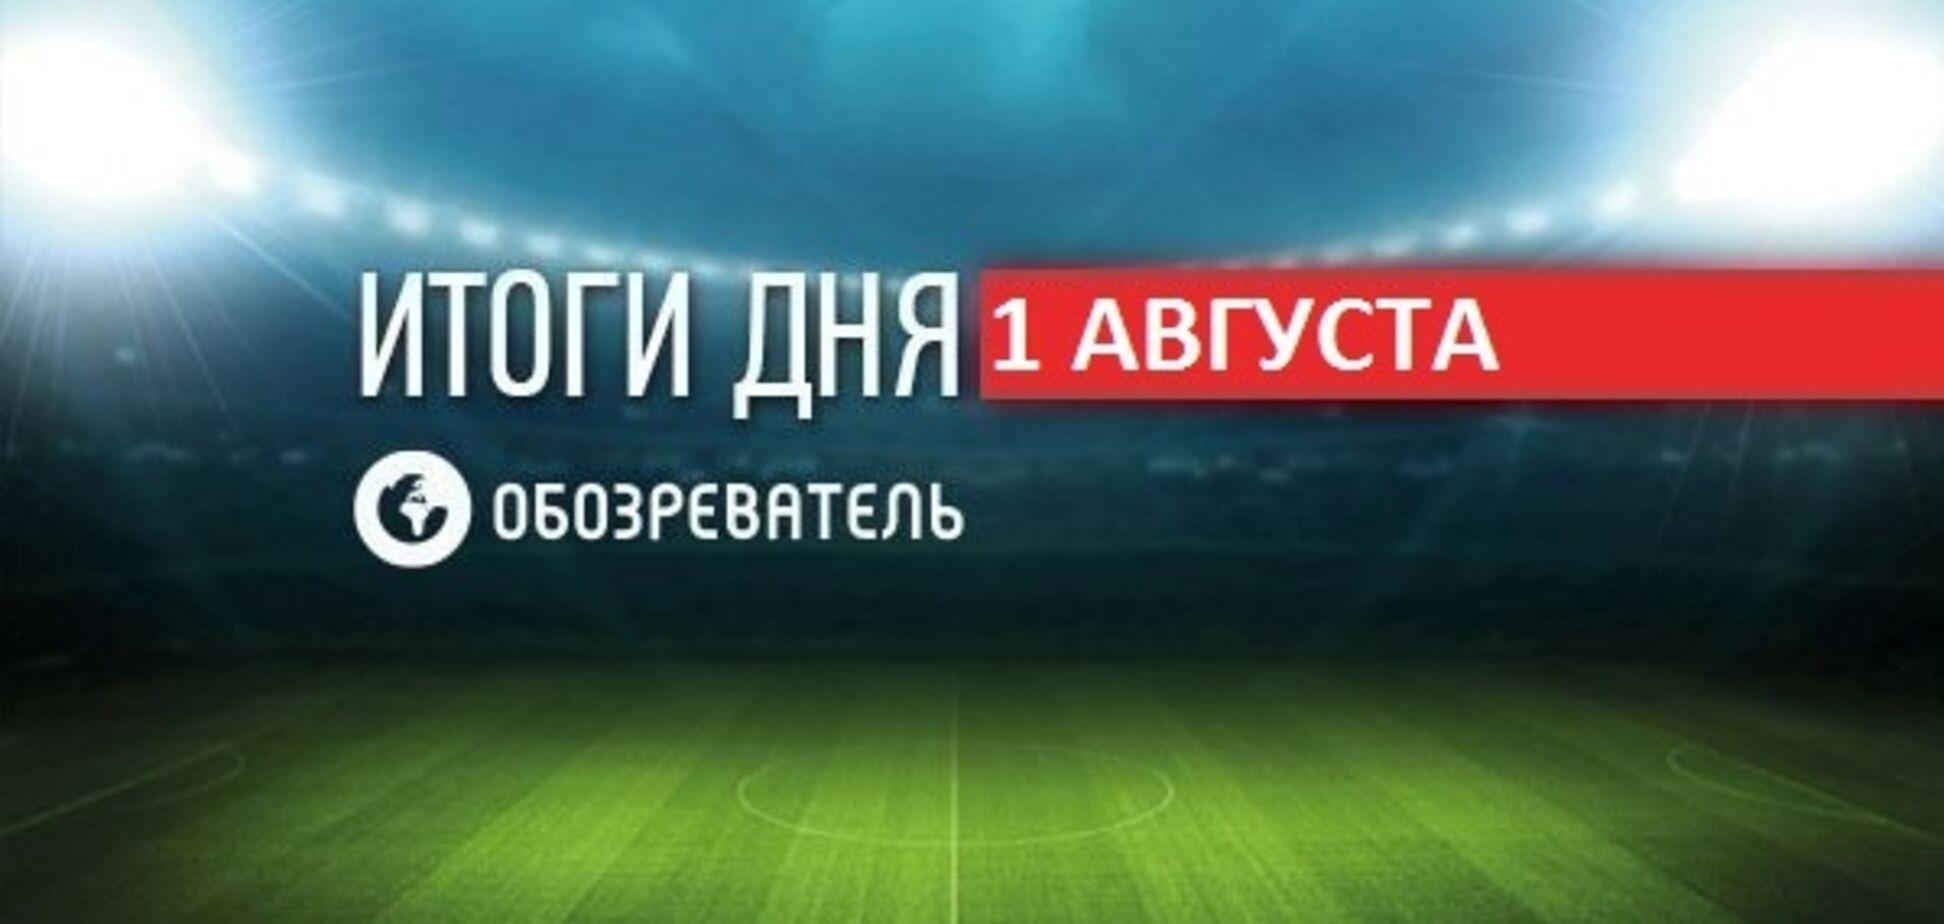 Кэмпбелл выступил с просьбой перед боем с Ломаченко: спортивные итоги 1 августа